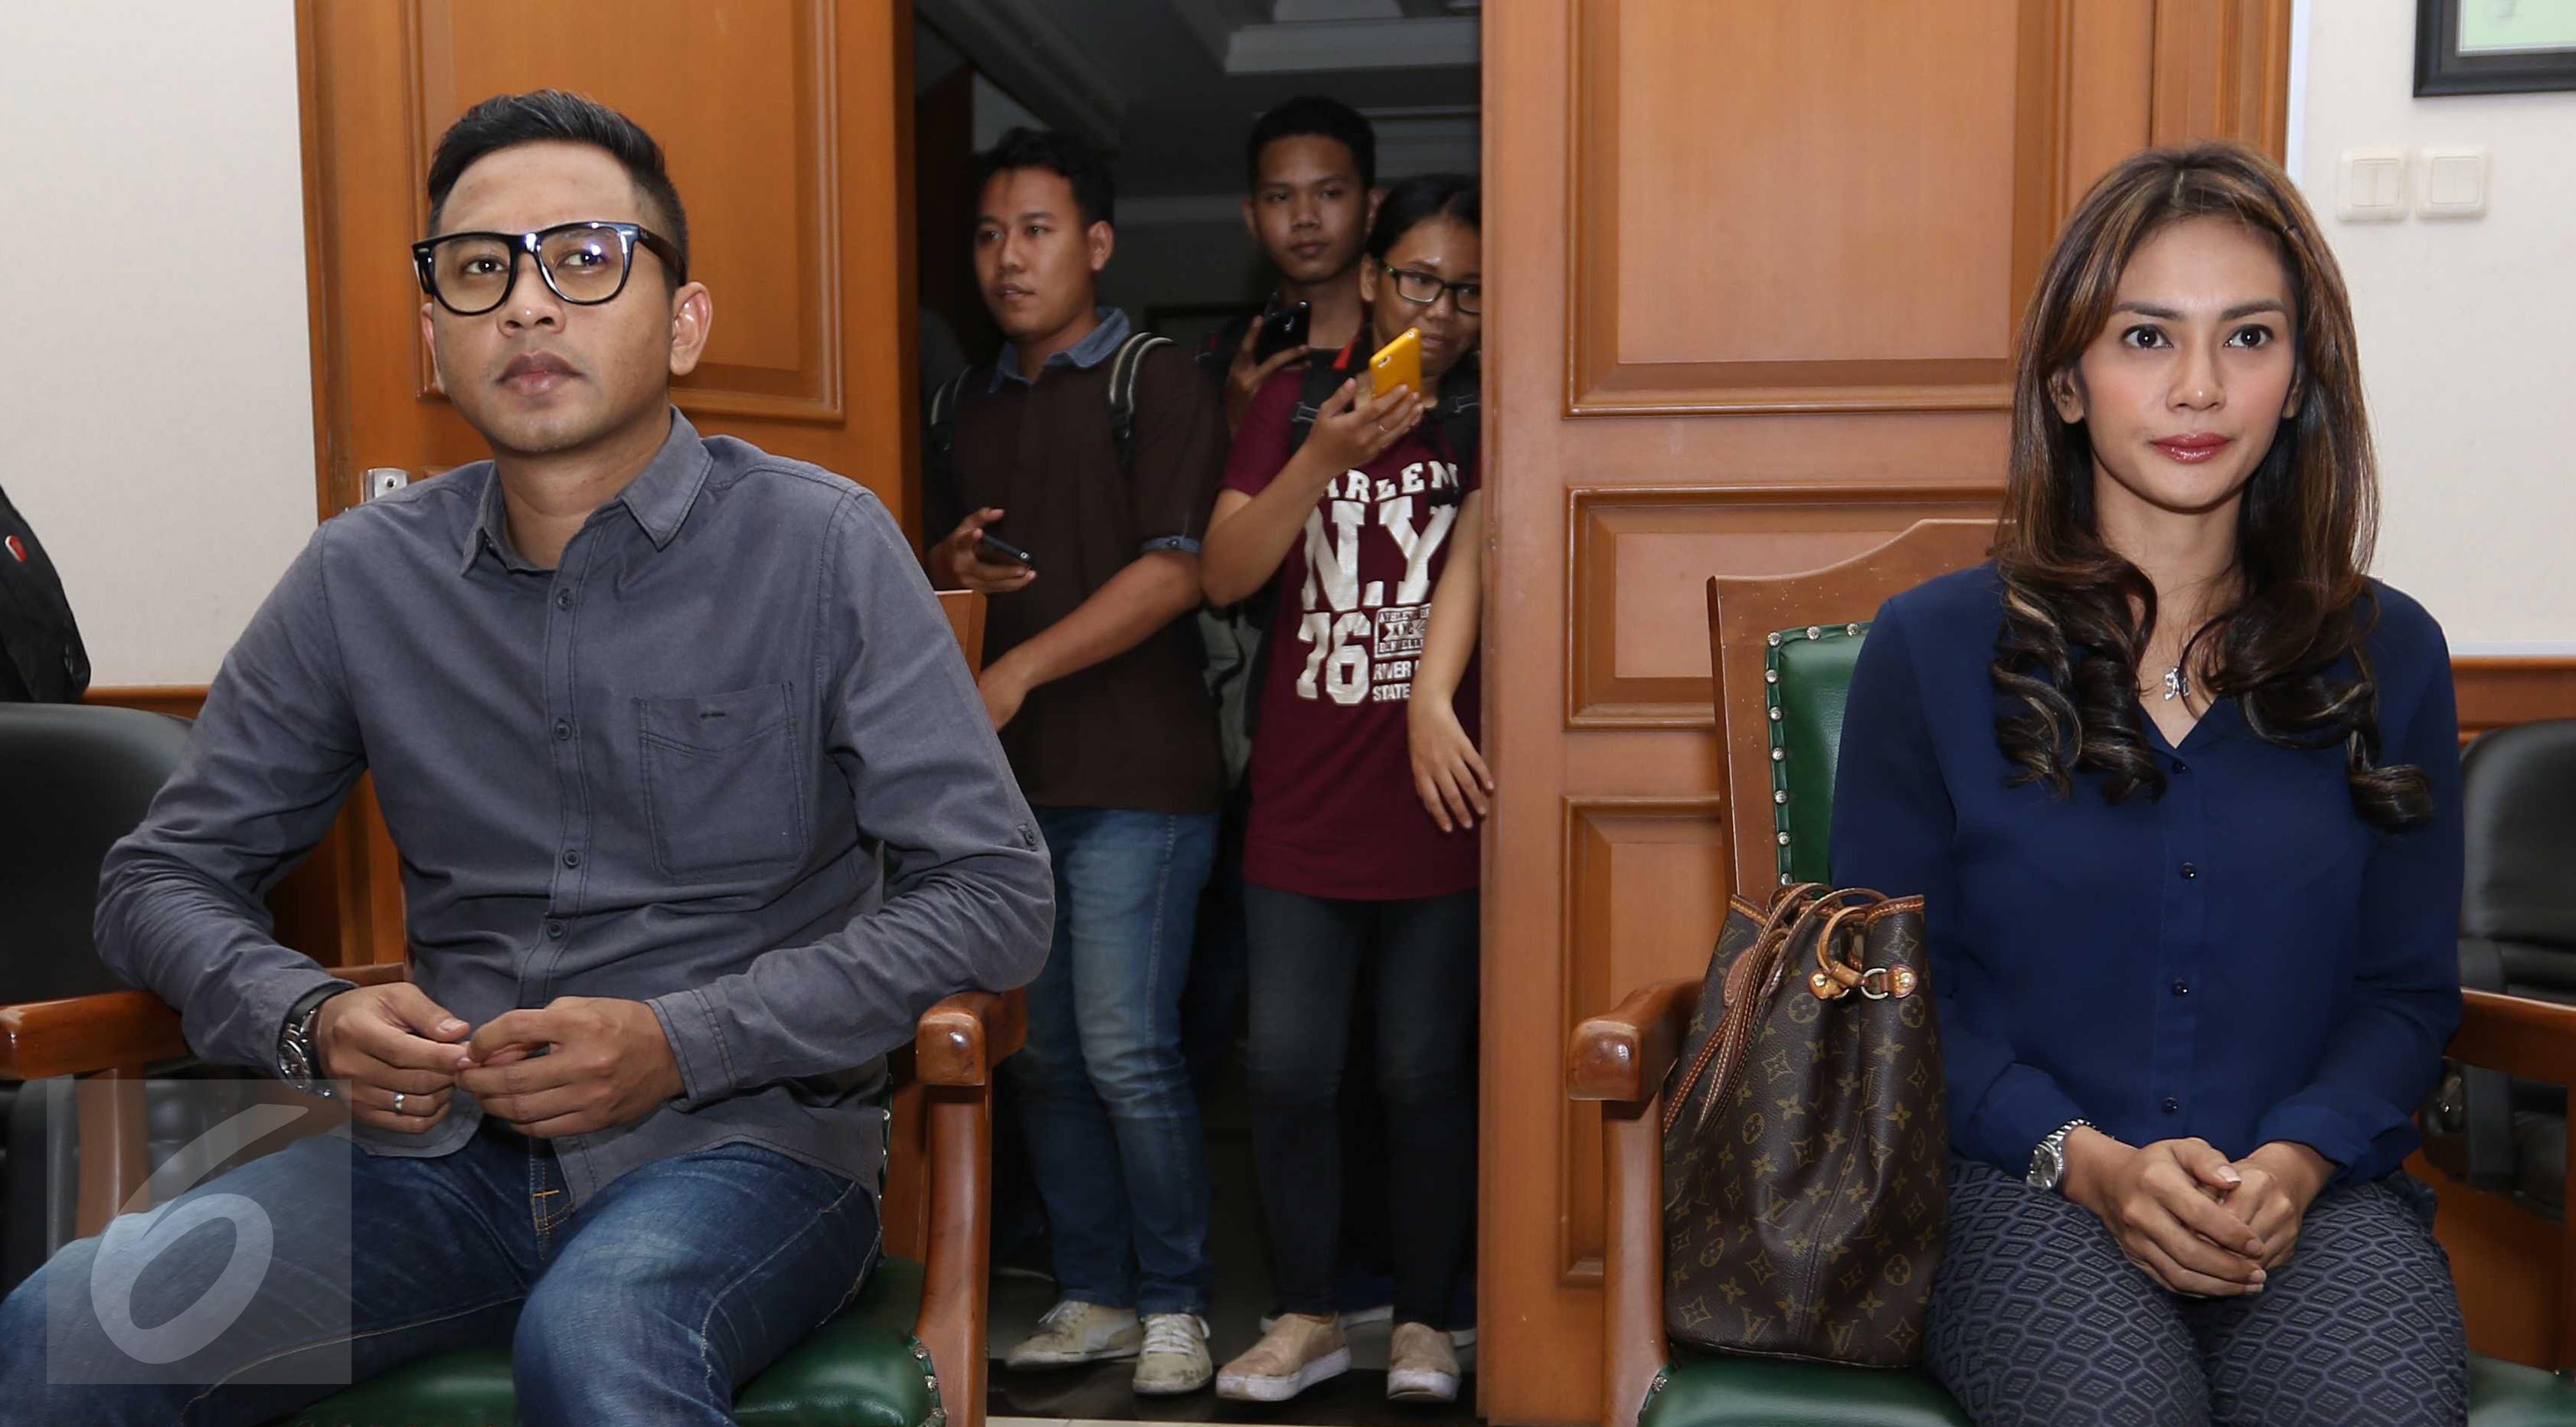 Mantan pasangan selebritis Masayu Anastasia dan Lembu Wiworo Jati alias Lembu menghadiri sidang putusan perceraian di Pengadilan Agama, Jakarta Selatan, (17/3). Lembu dan Masayu resmi bercerai setelah 8 Tahun bersama. (Liputan6.com/Gempur M Surya)